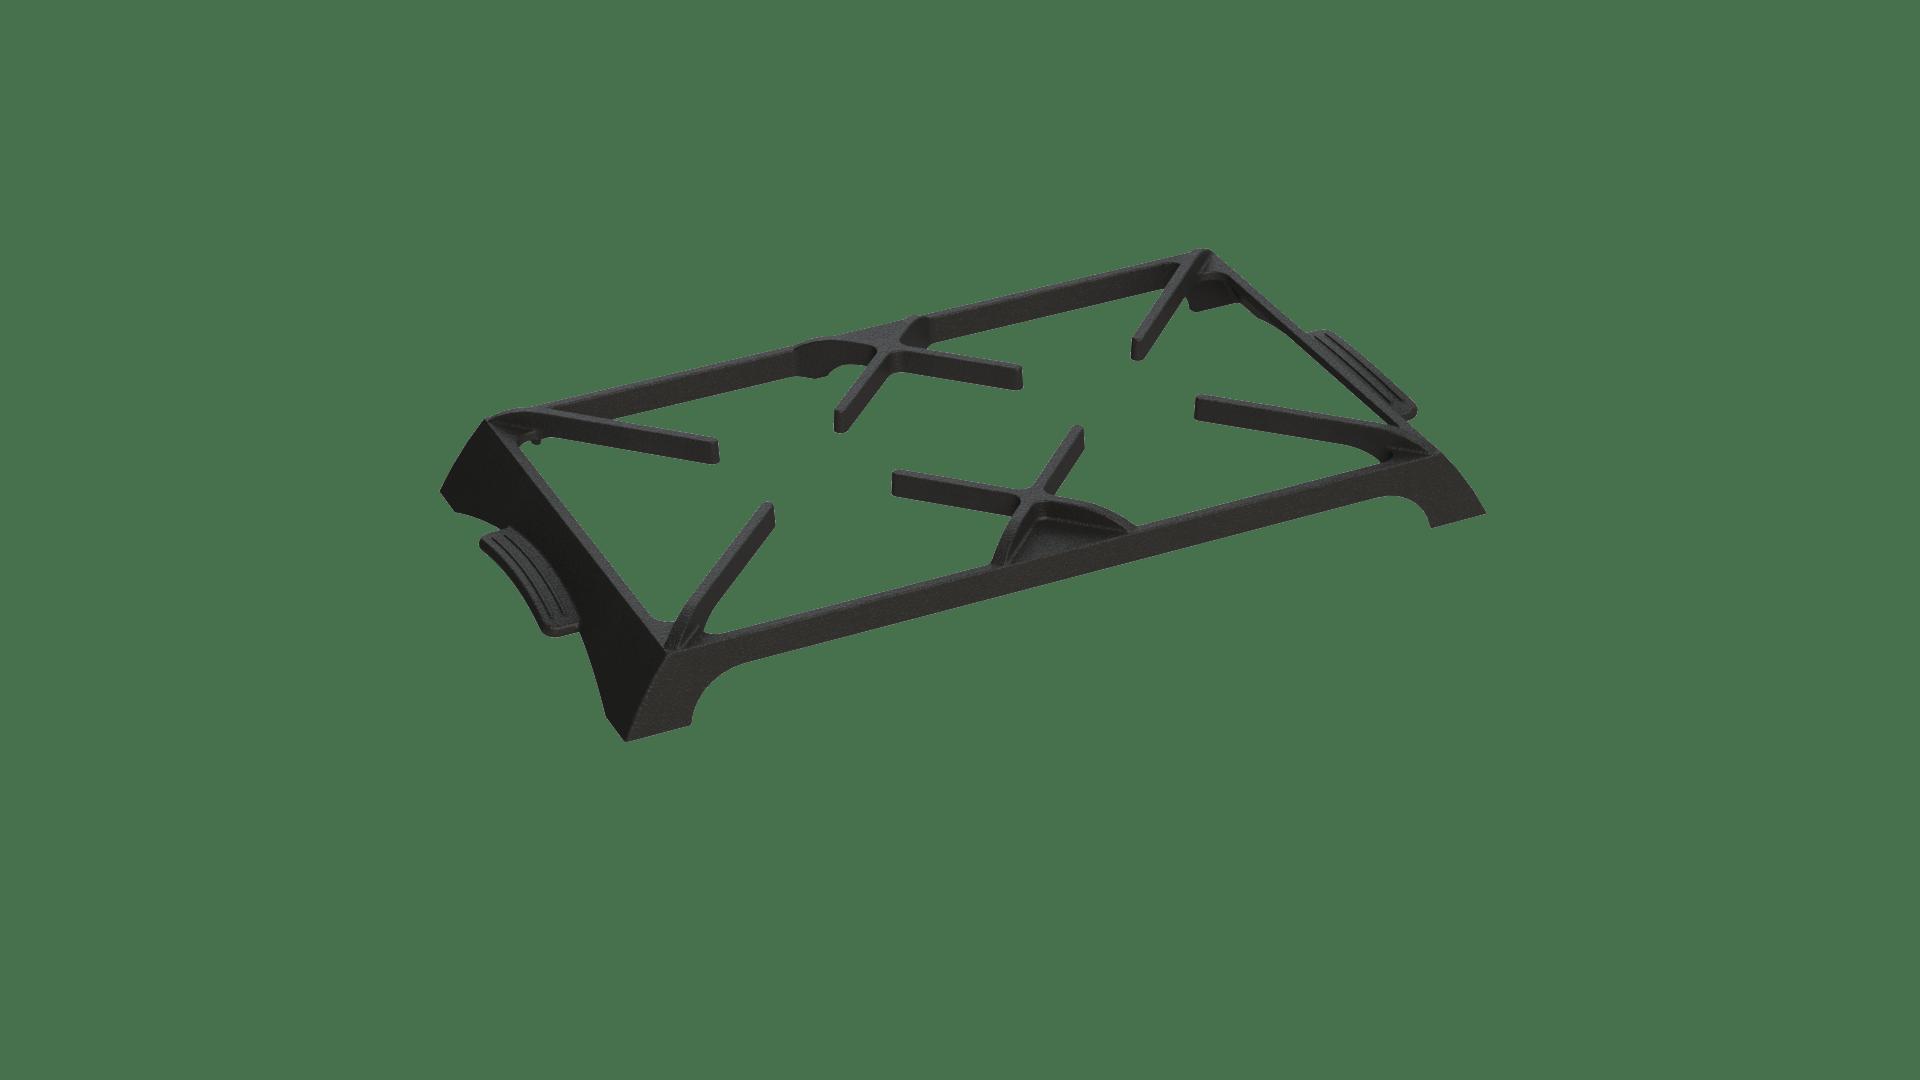 suporte aparador ferro fundido, grelha ferro fundido, supla de panela ferro fundido, 41x25cm